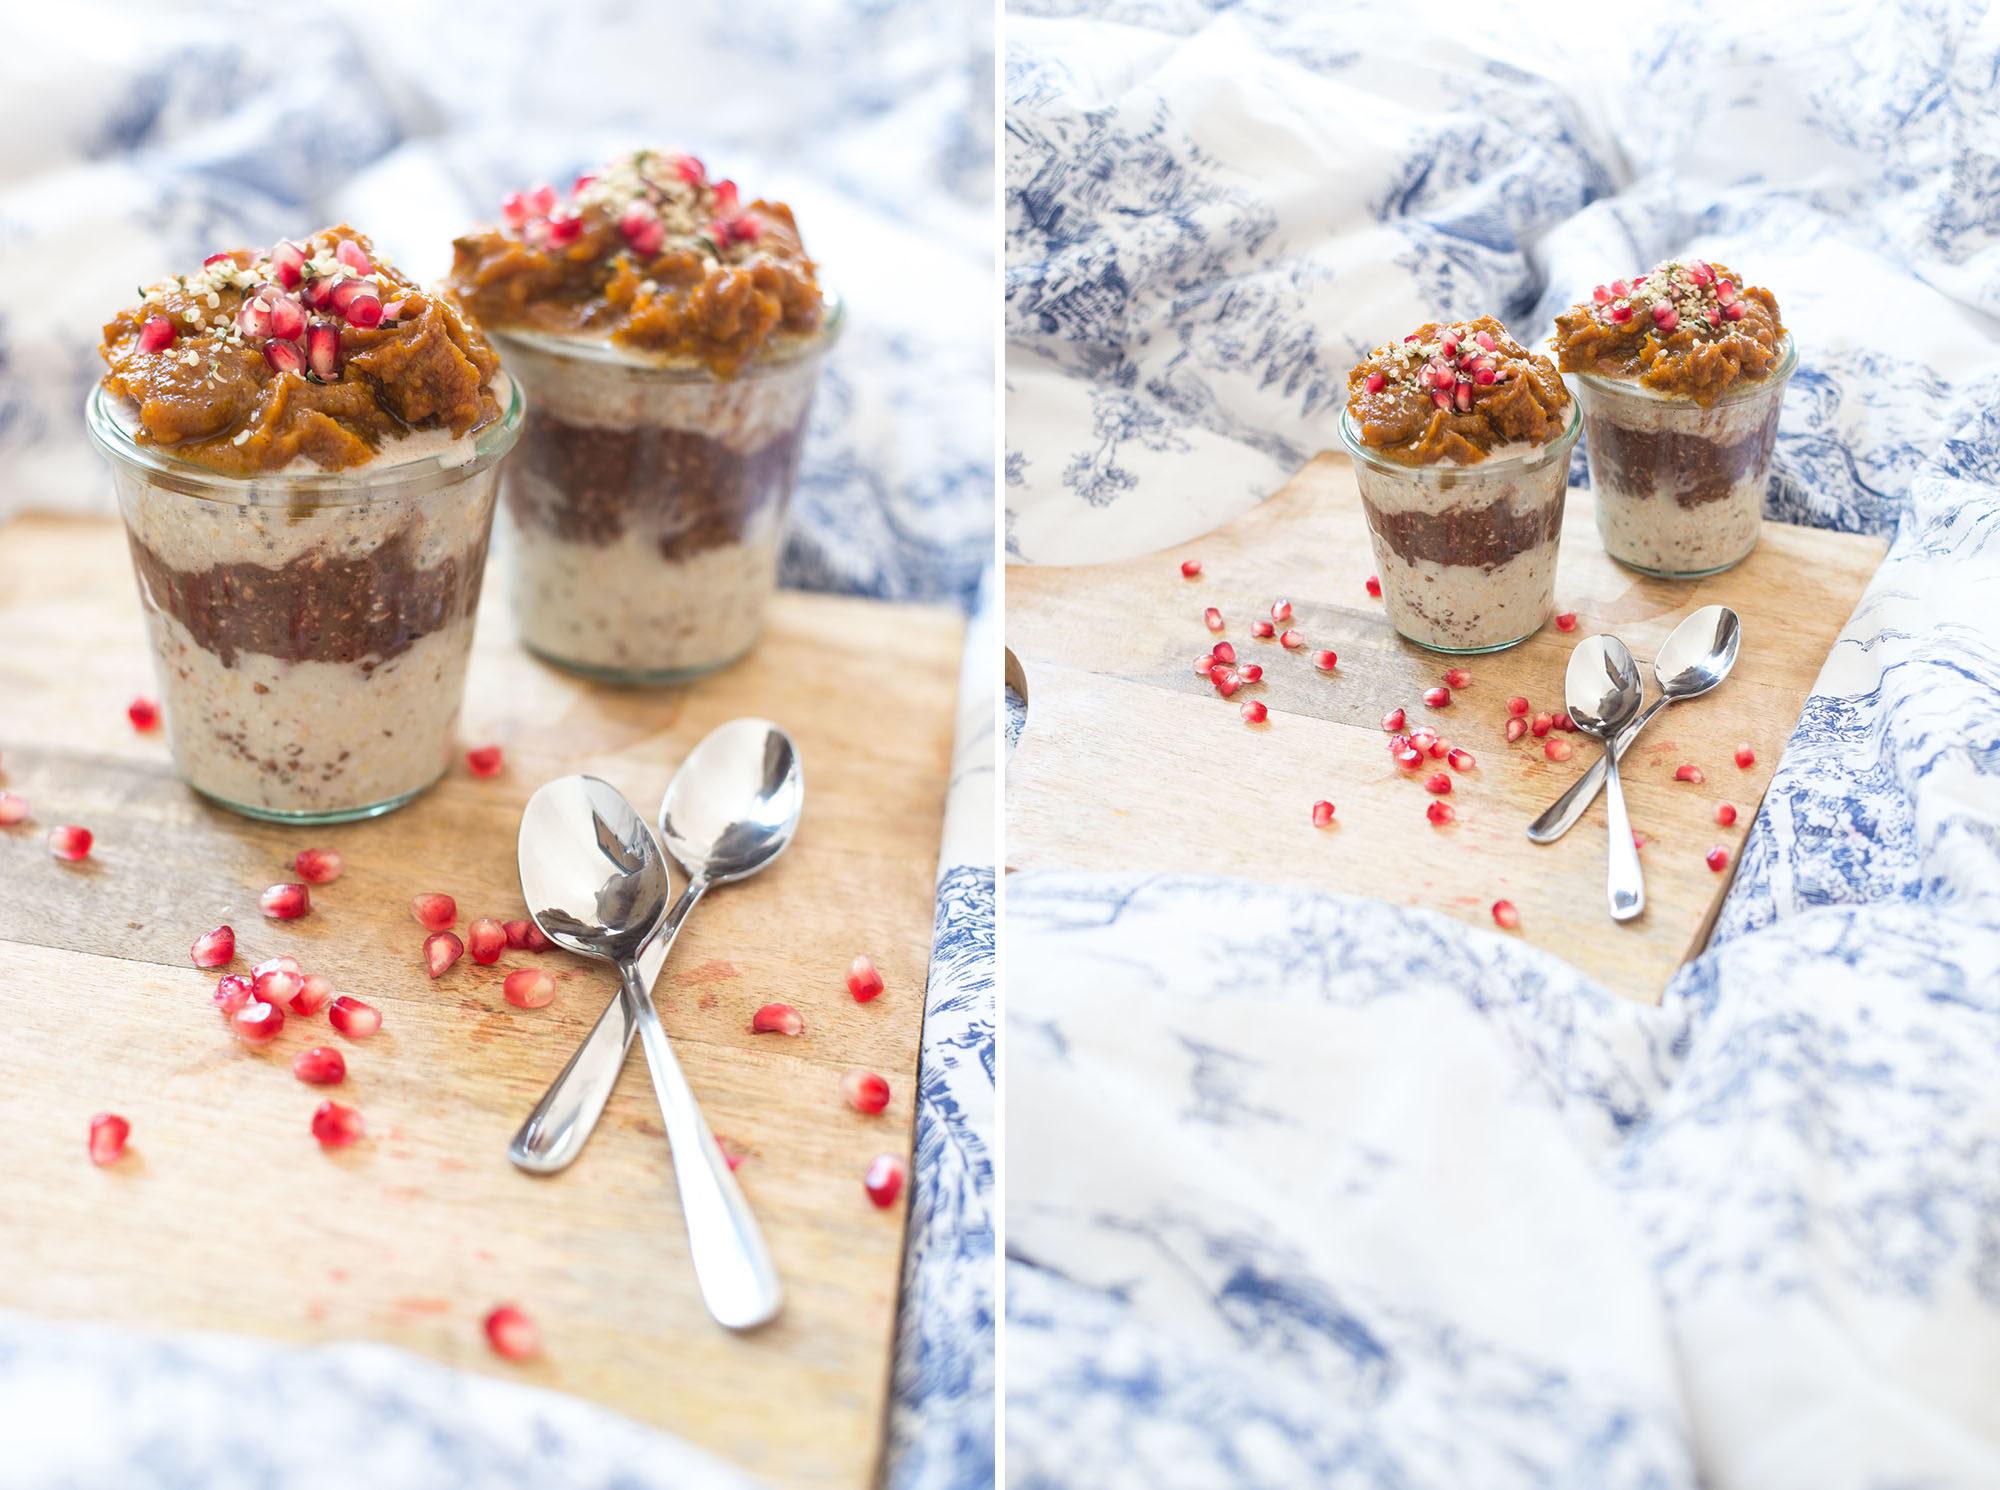 herbst müsli kürbis haferflocken vegan porridge haferbrei dogdays of summer vintage onlineshop graz